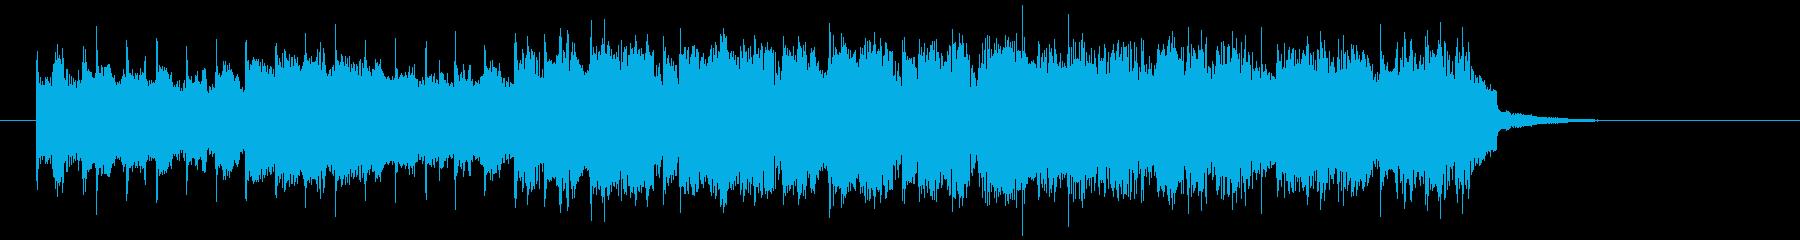 クールで軽快なエレキジングルの再生済みの波形